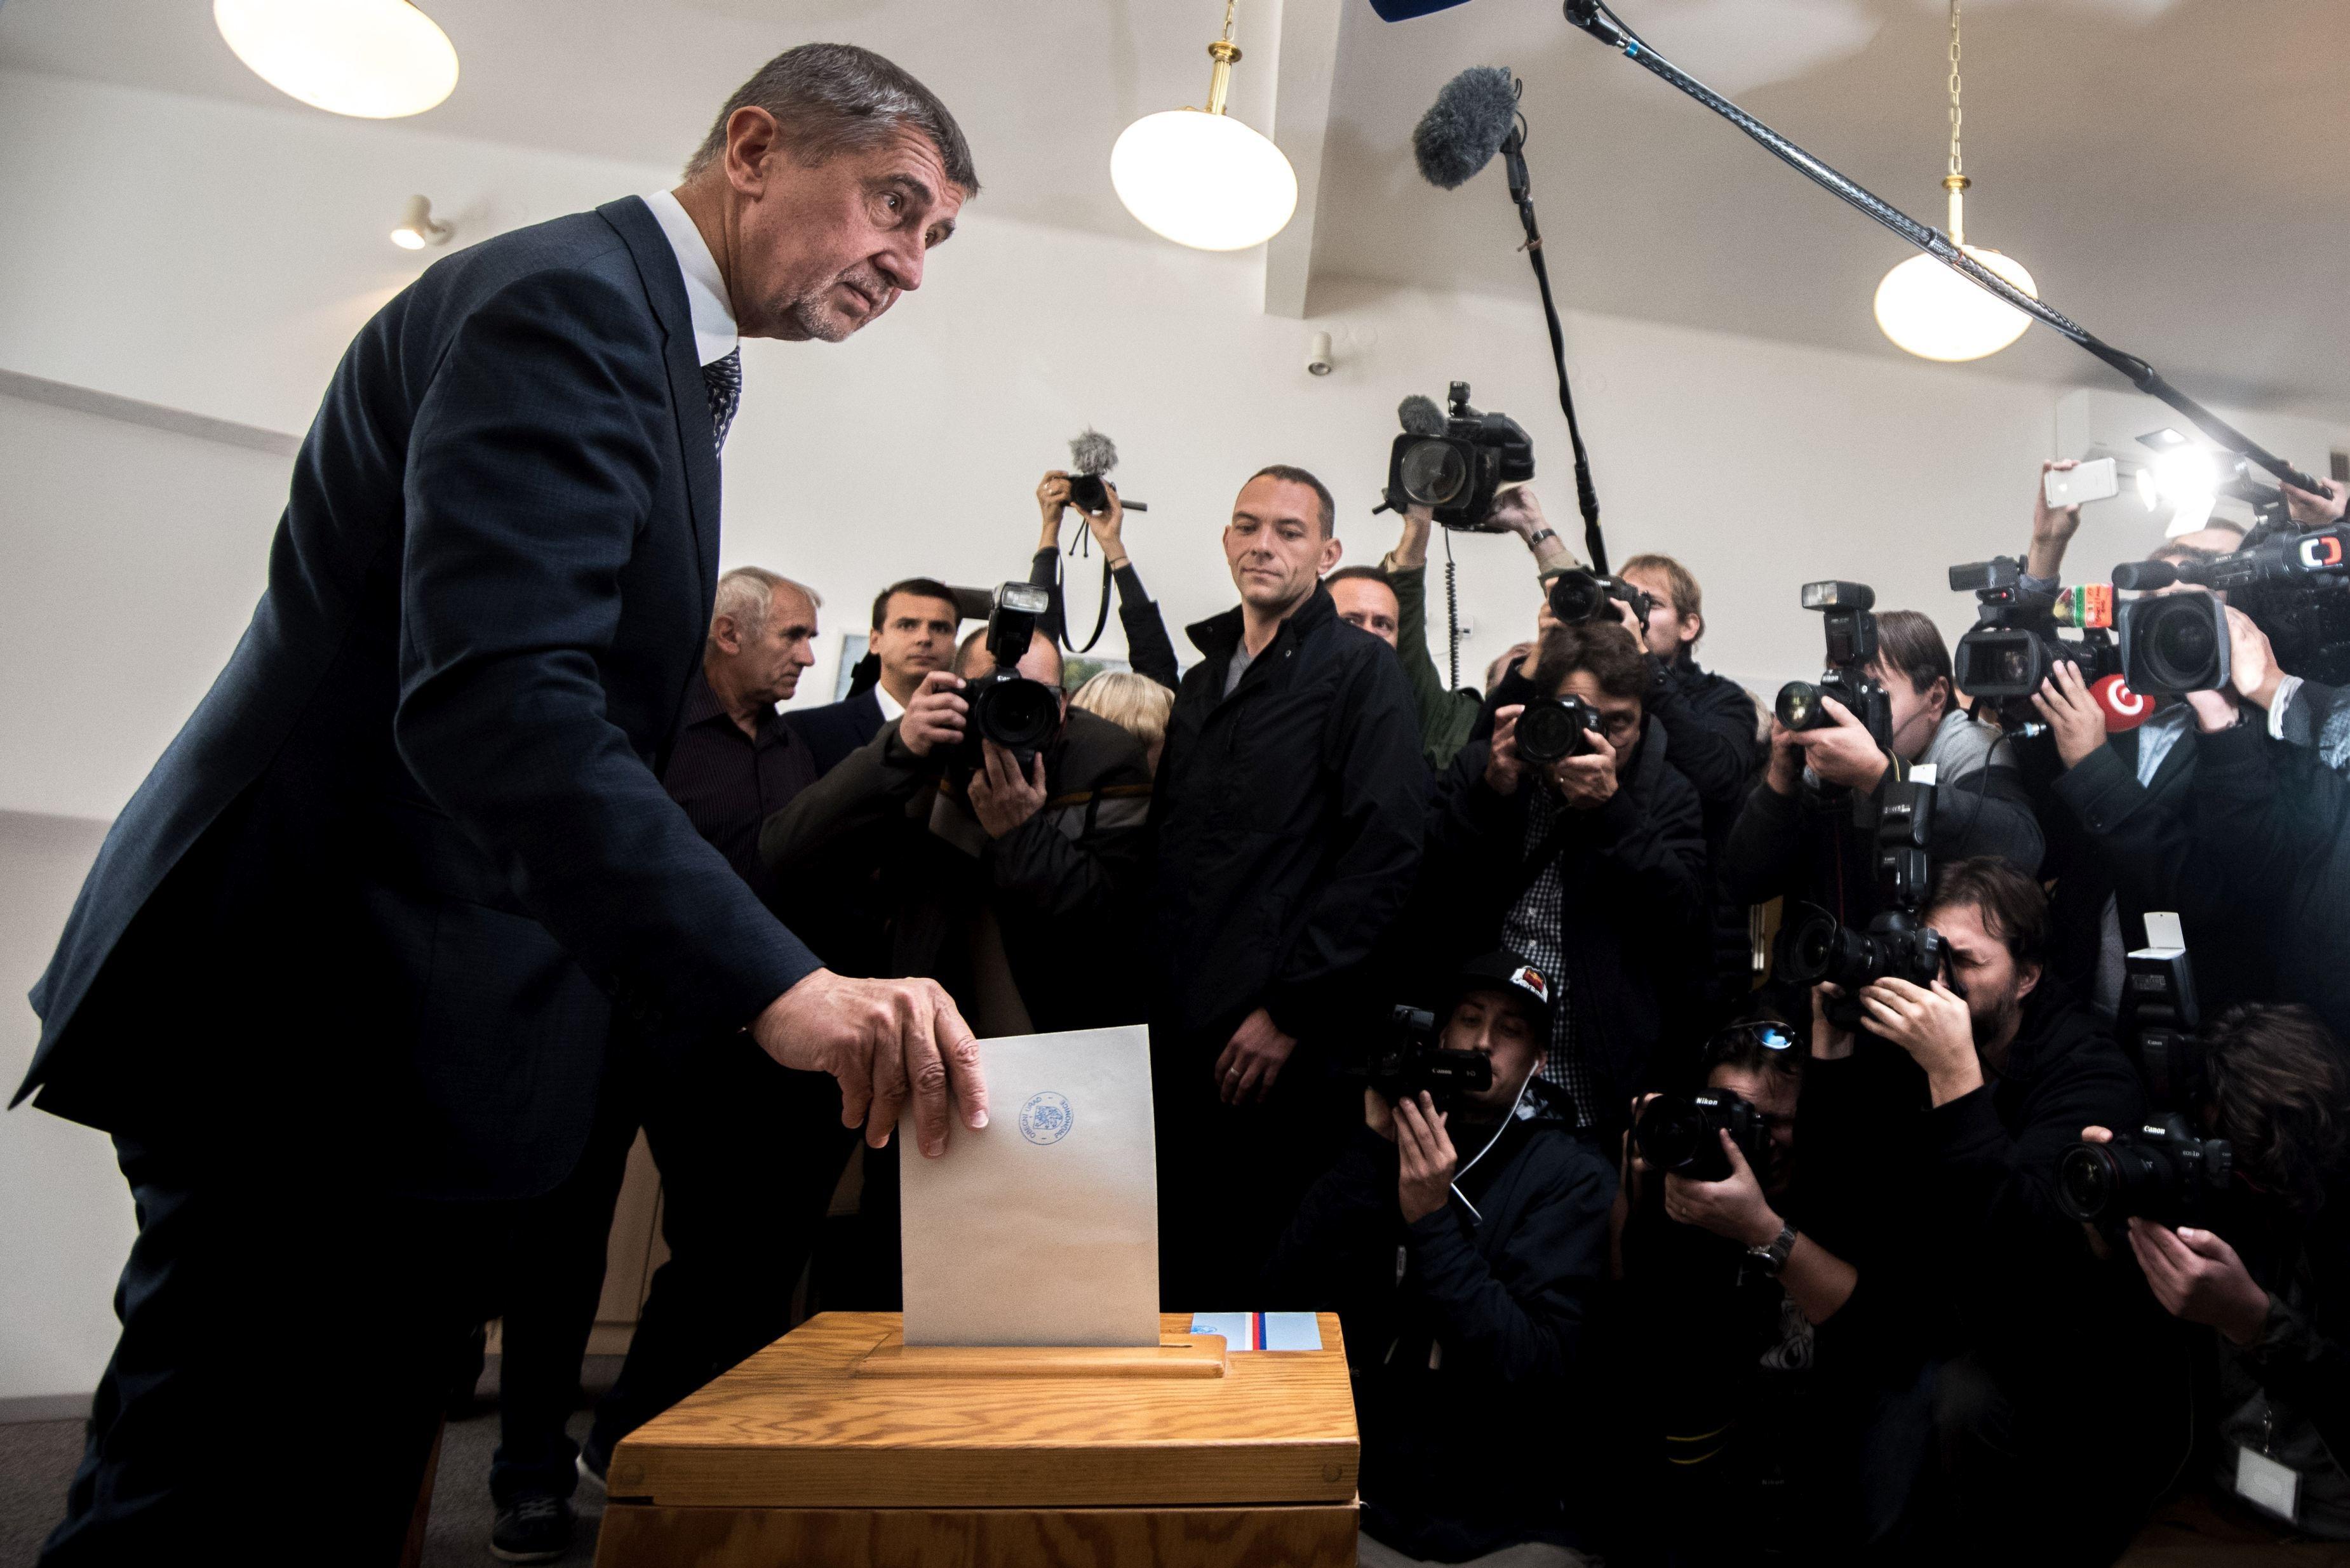 Partidul miliardarului Andrej Babis, cunoscut şi ca `Trump al Cehiei`, a câştigat detaşat alegerile parlamentare din Republica Cehă - rezultate parţiale